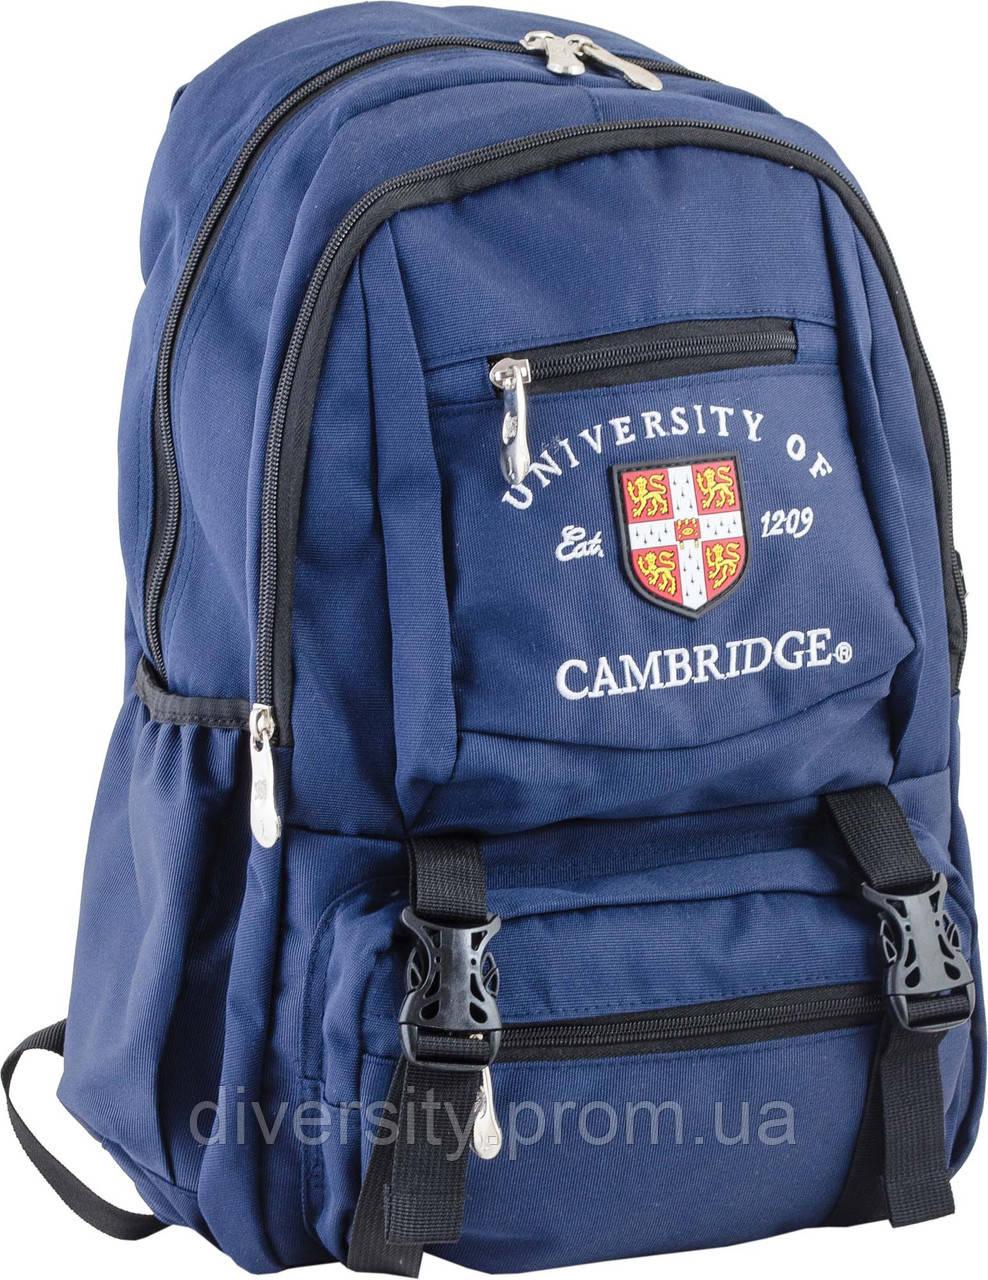 Ранец подростковый CA 079, синий, 31*43*13